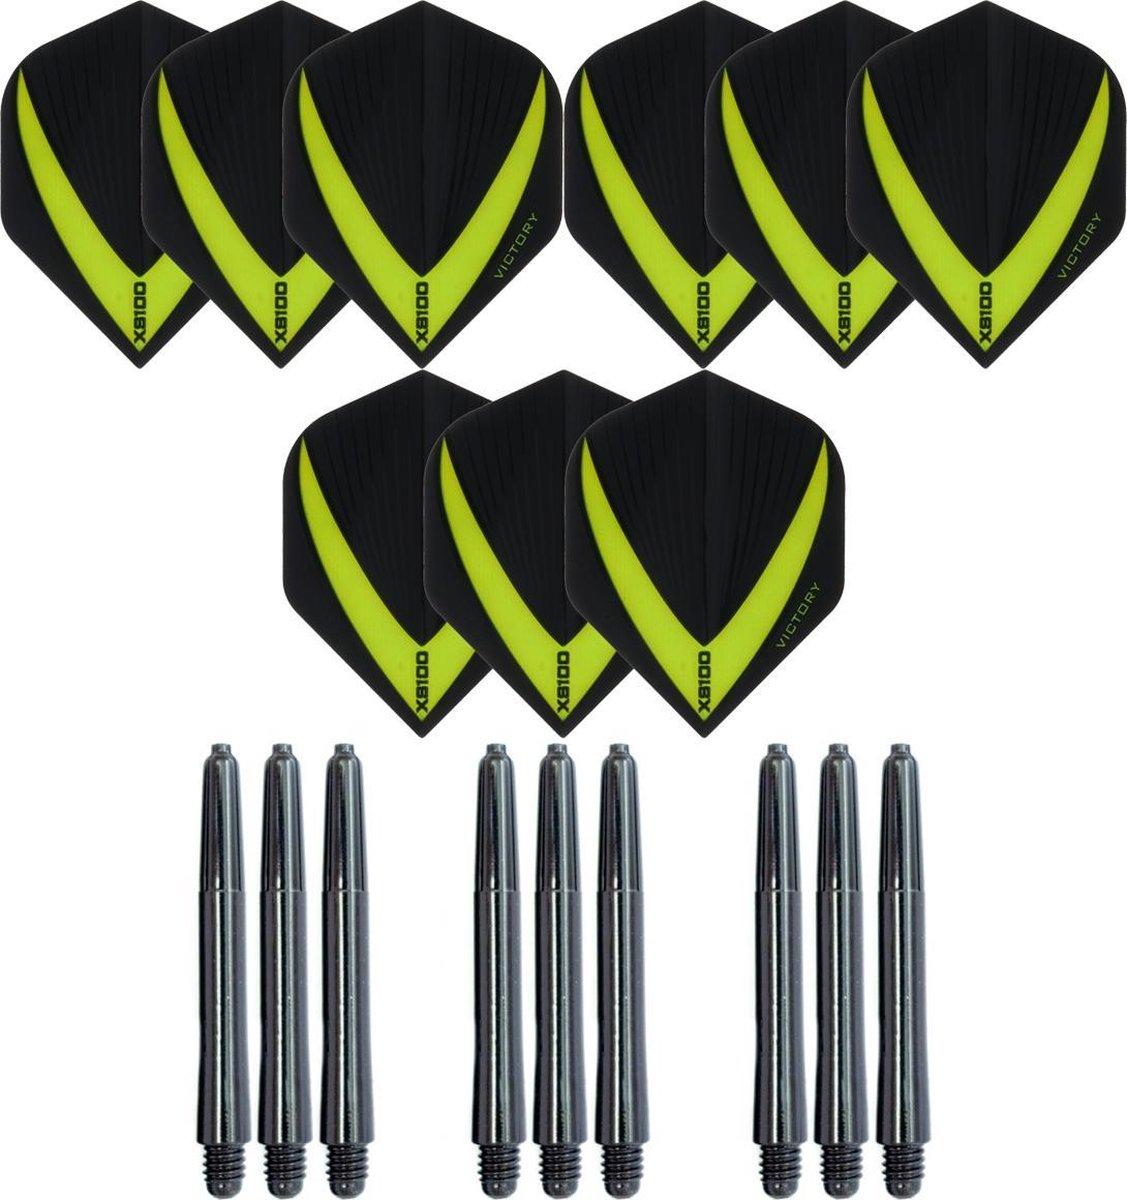 3 sets (9 stuks) Super Sterke - Groen - Vista-X - darts flights - inclusief 3 sets (9 stuks) - medium - darts shafts